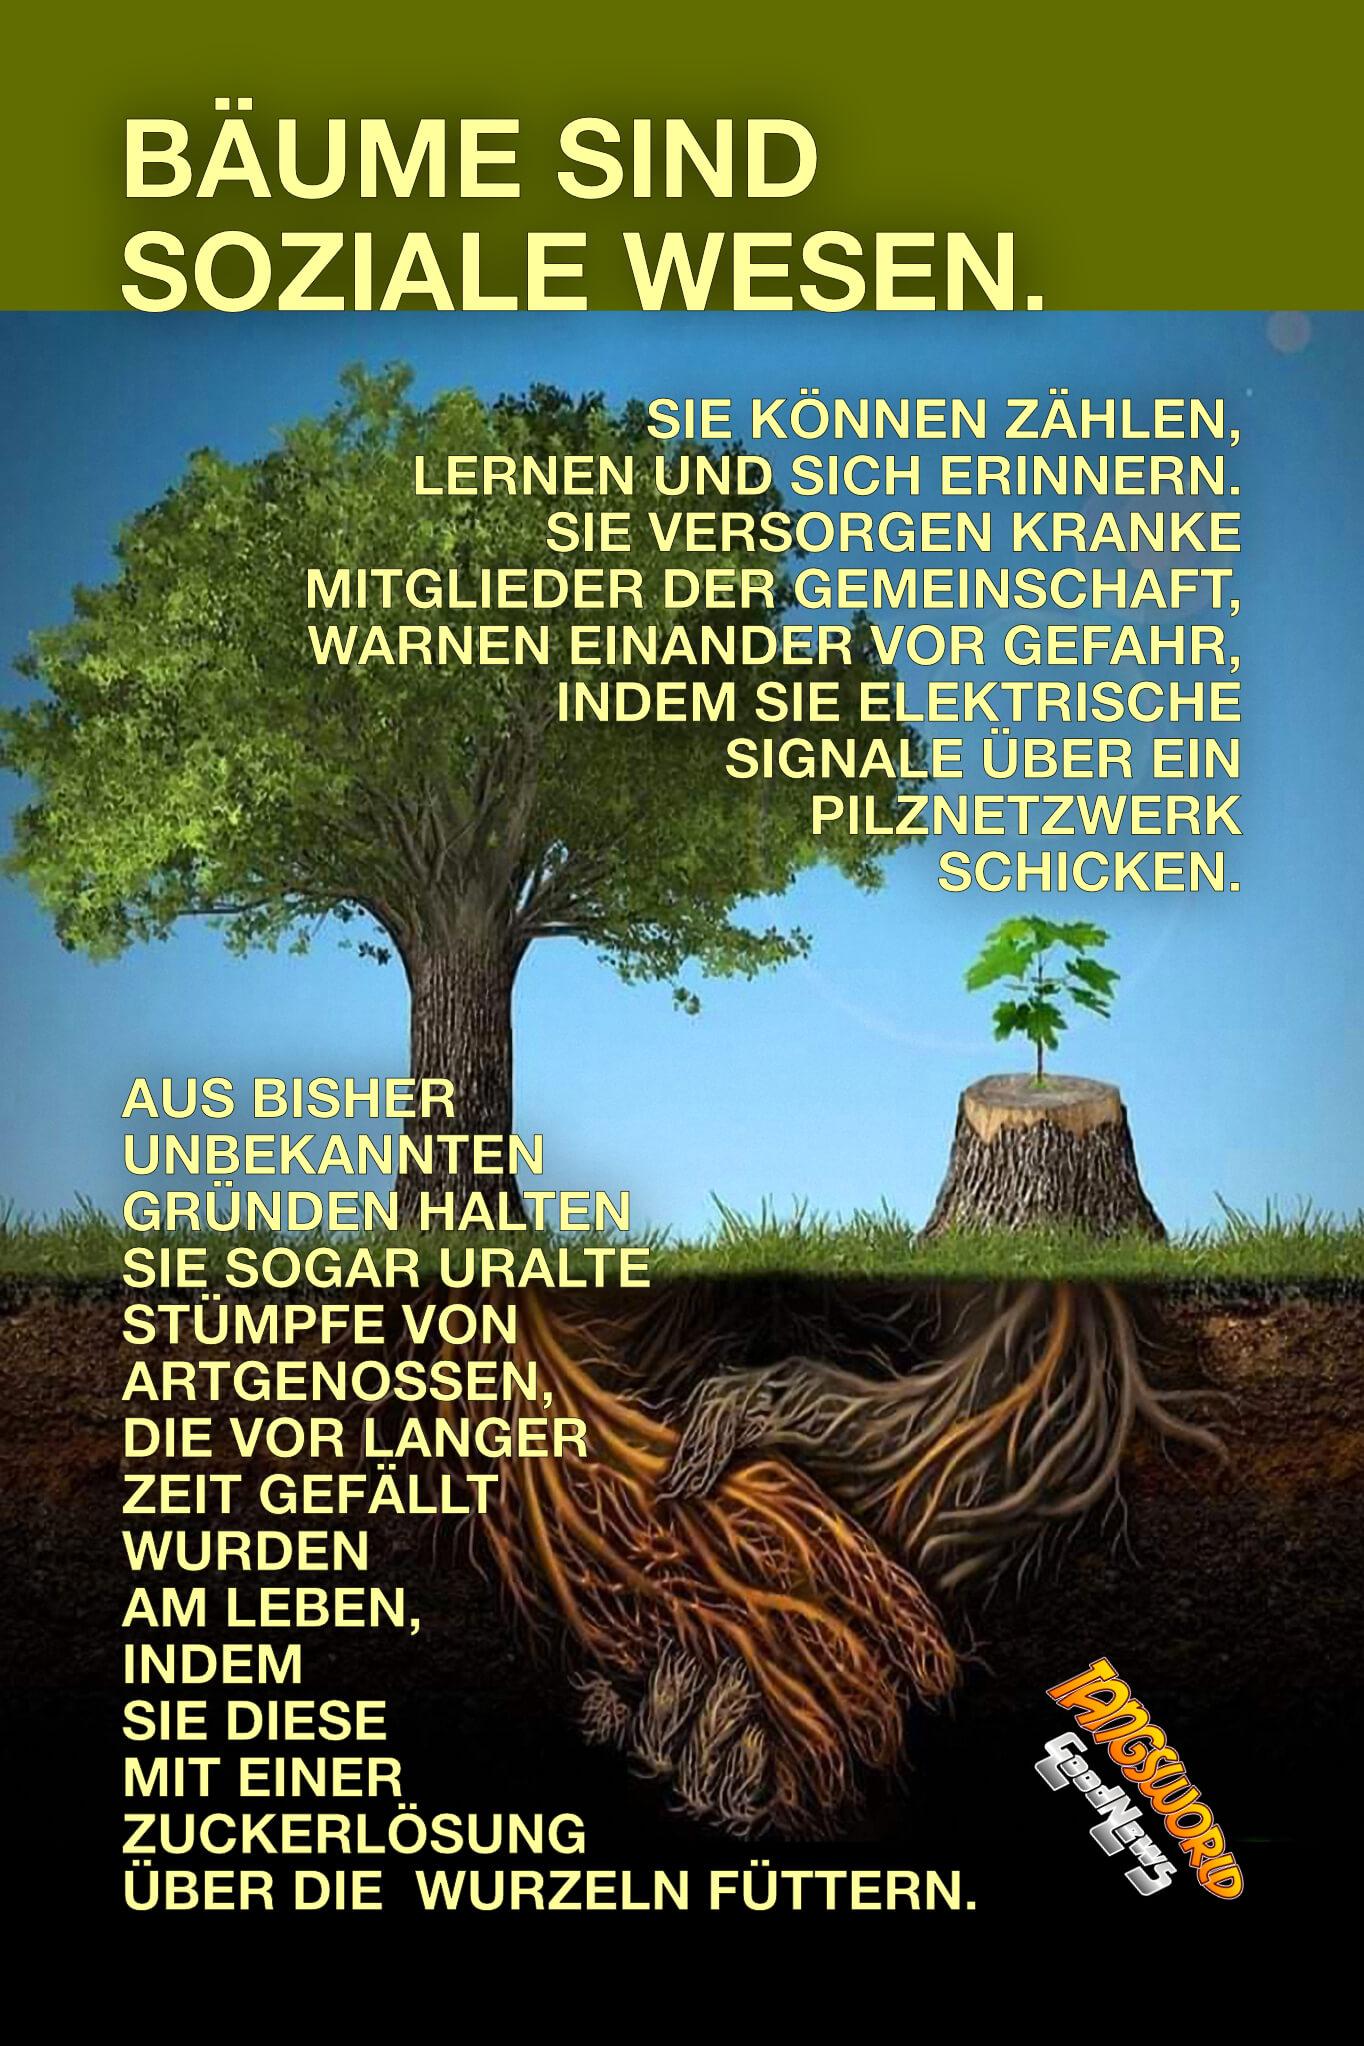 Bäume sind besondere Wesen. Sie teilen ihre Nahrung mit Artgenossen und päppeln sogar ihre Konkurrenz hoch. Die Gründe sind dieselben wie bei menschlichen Gesellschaften: Gemeinsam geht es viel besser. - GoodNews